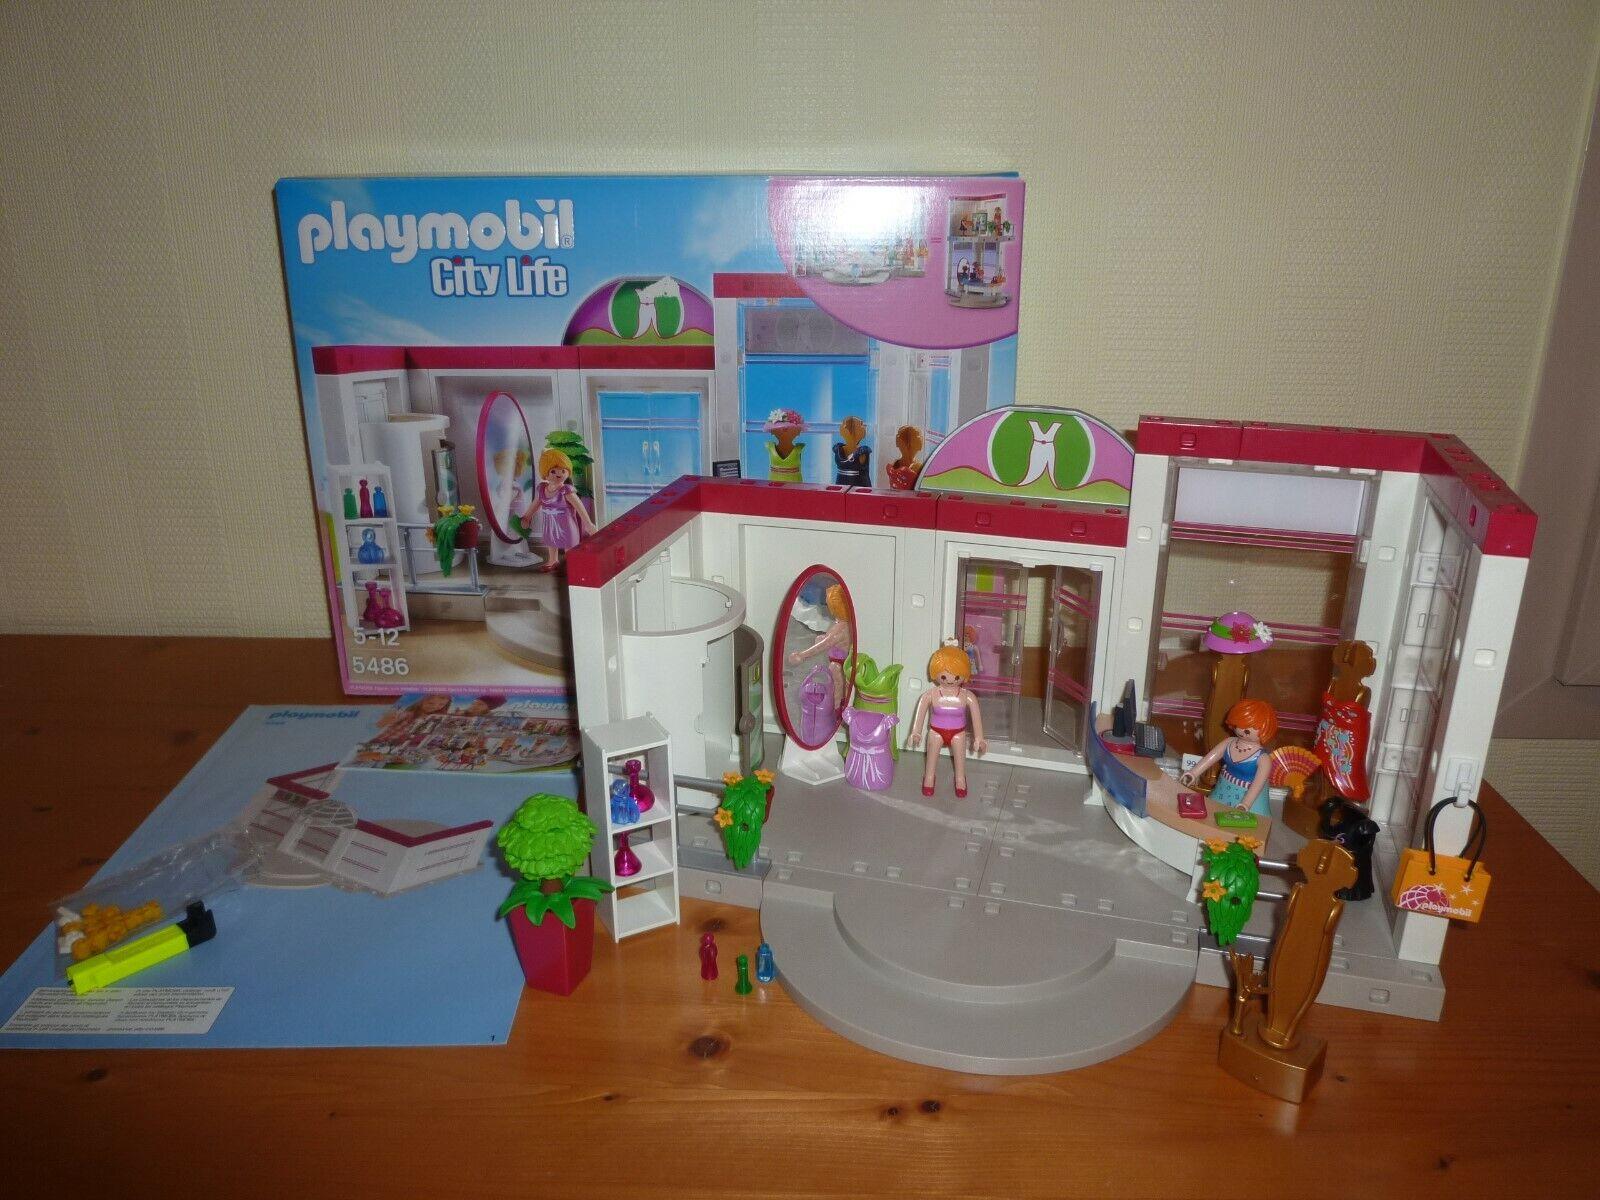 PLAYMOBIL - CITY LIFE Boite 5486 complète Boutique de Vêtements Magasin Robe Sac